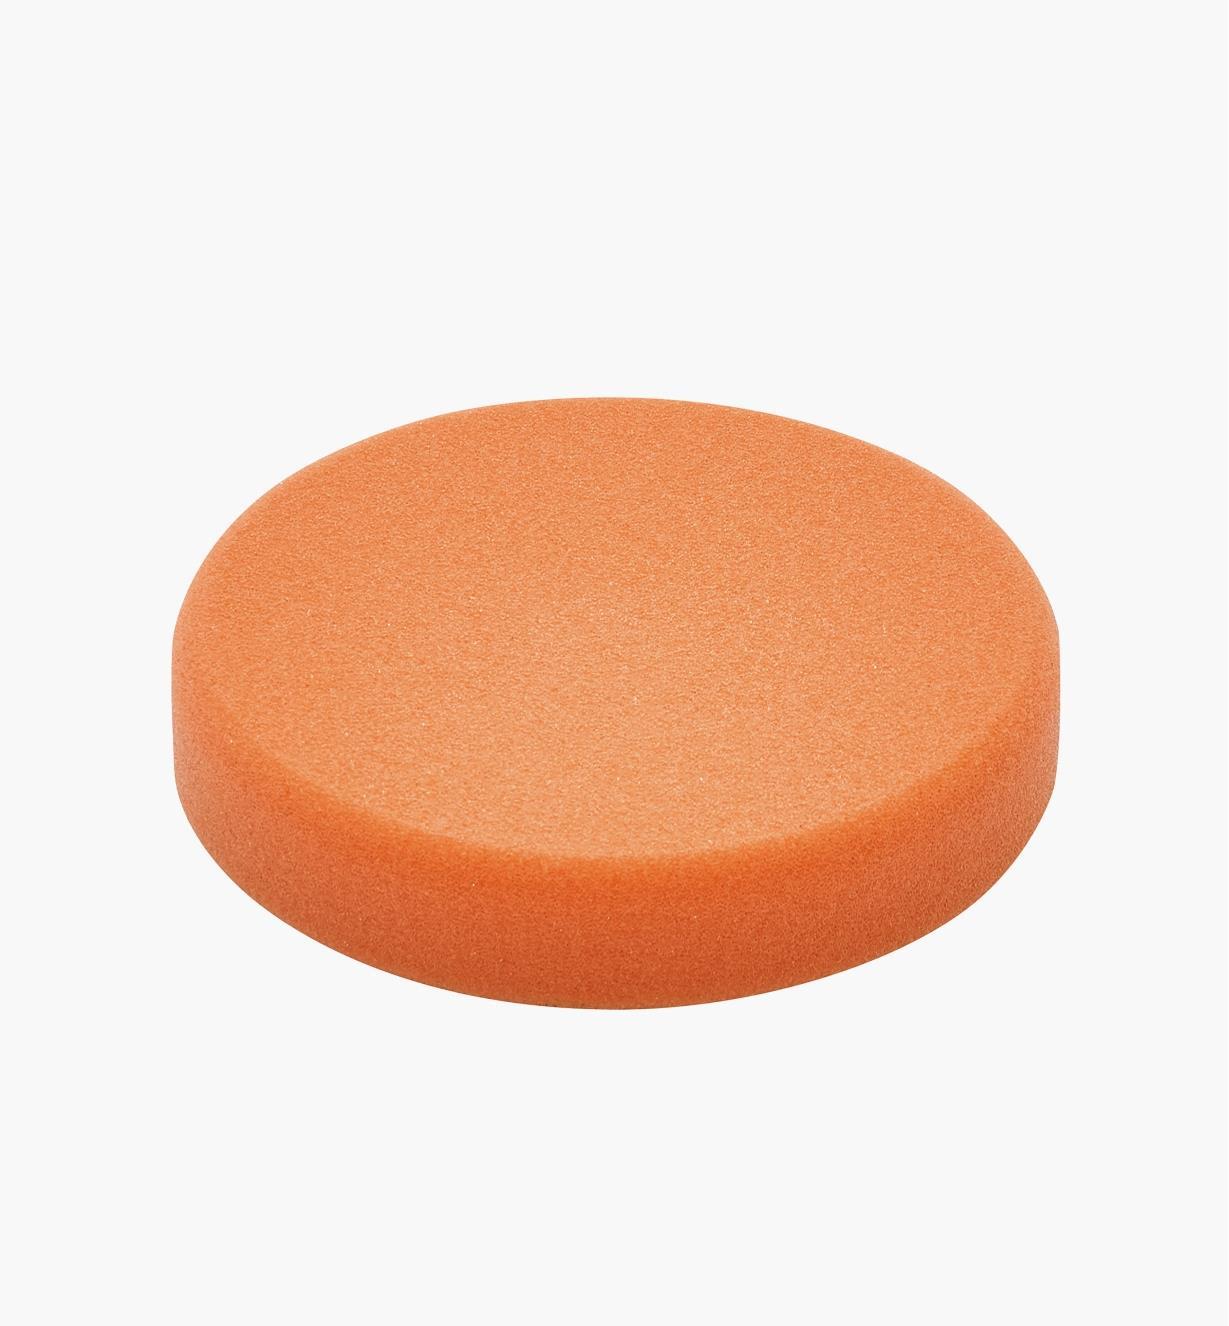 Éponge de polissage orange de 80 mm